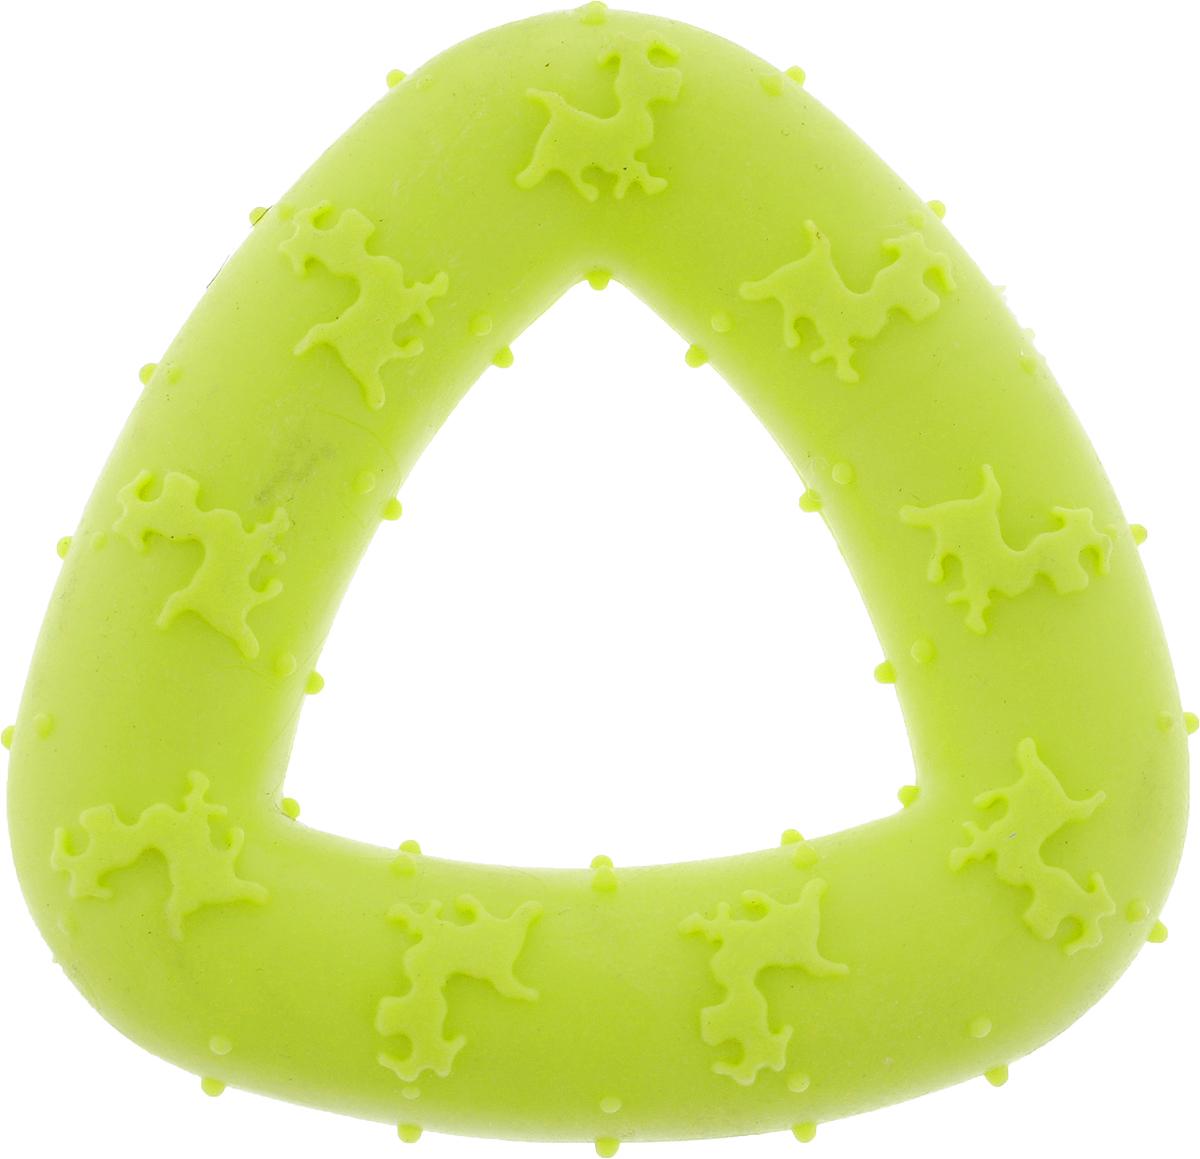 Игрушка для собак Грызлик Ам Треугольник, цвет: желтый, 7,5 см30.GR.010Игрушка для собак Грызлик Ам Треугольник изготовлена из термопластичной резины, устойчивой к повреждениям. Игрушка поможет занять щенка во время смены зубов, а расшалившаяся взрослая собака не будет грызть мебель, обувь и другие нужные вещи. Изделие по всей поверхности снабжено объемными изображениями собаки и небольшими шипами.